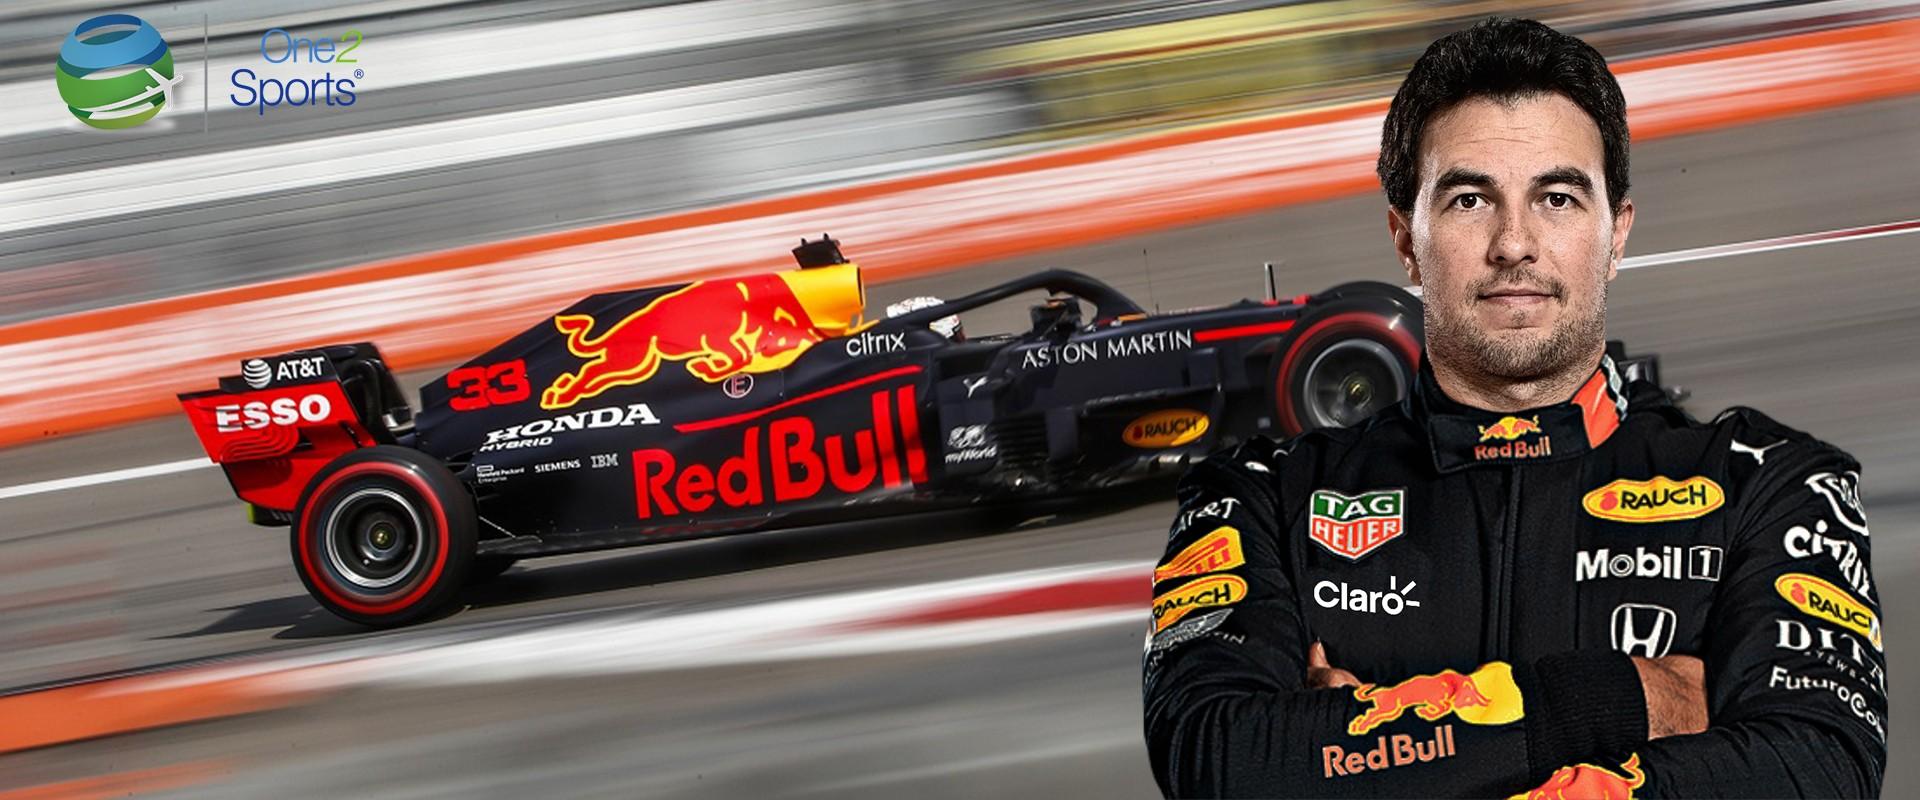 Oficial: Checo Pérez correrá con Red Bull en 2021